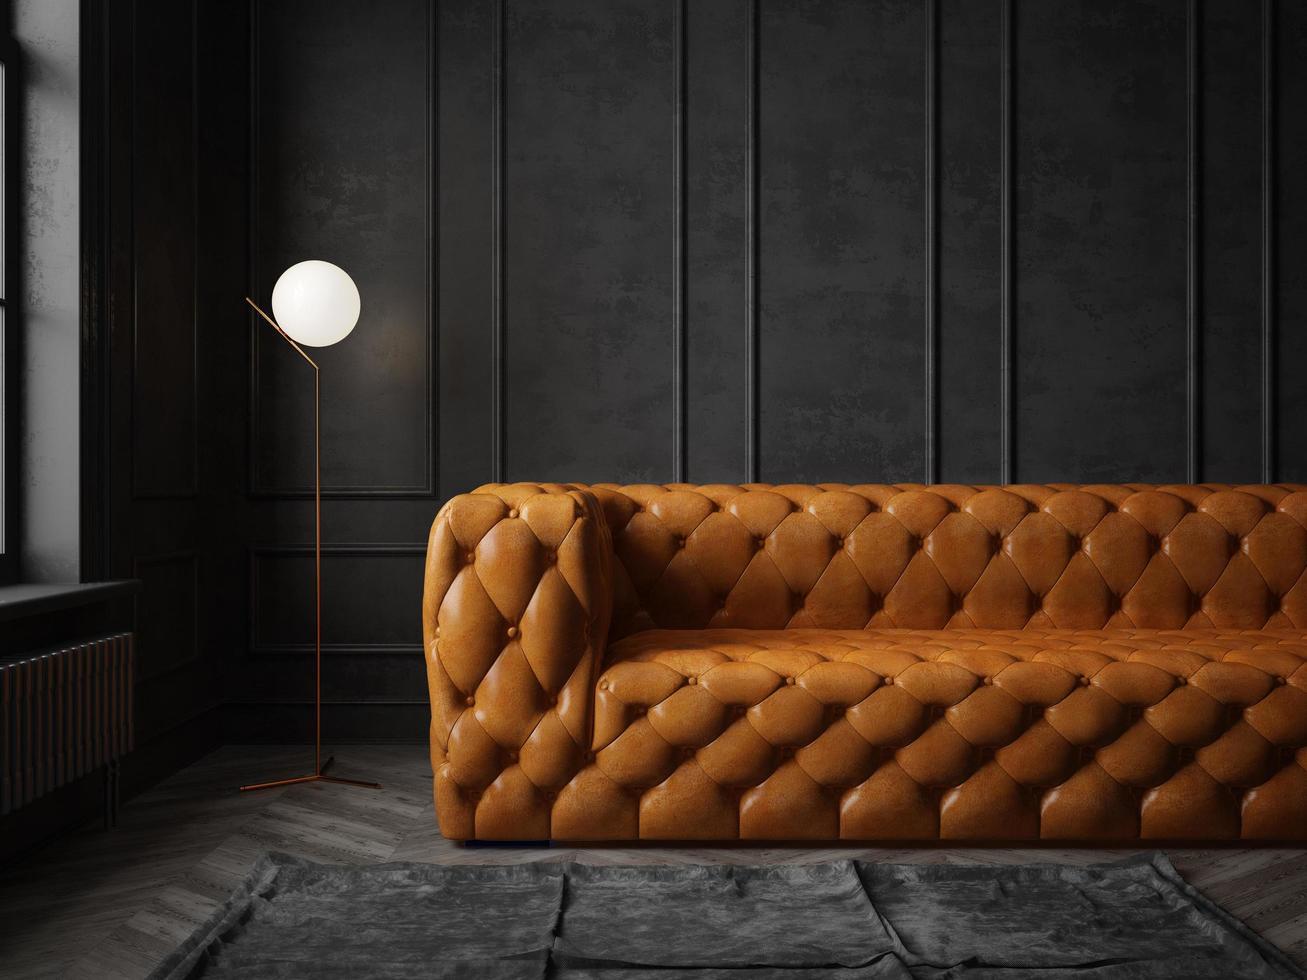 zwart gekleurde conceptuele interieur kamer in 3d illustratie foto